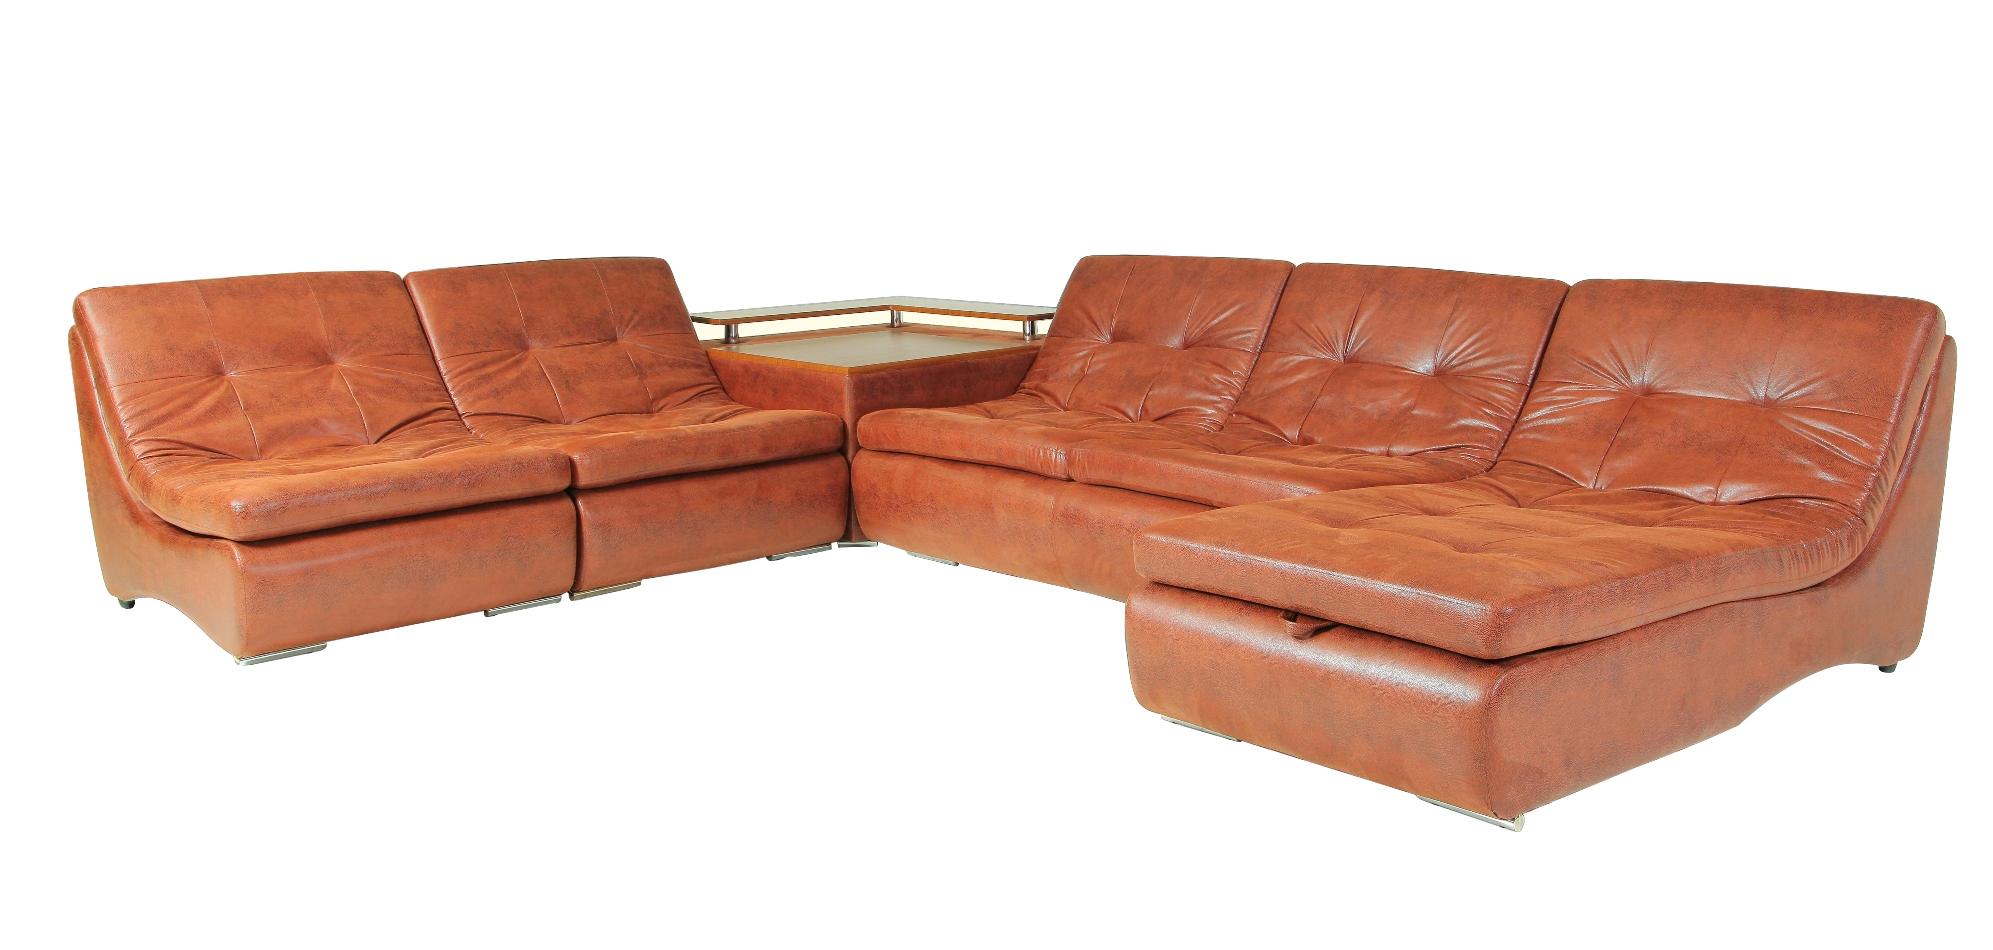 Угловой модульный диван Монреаль-5